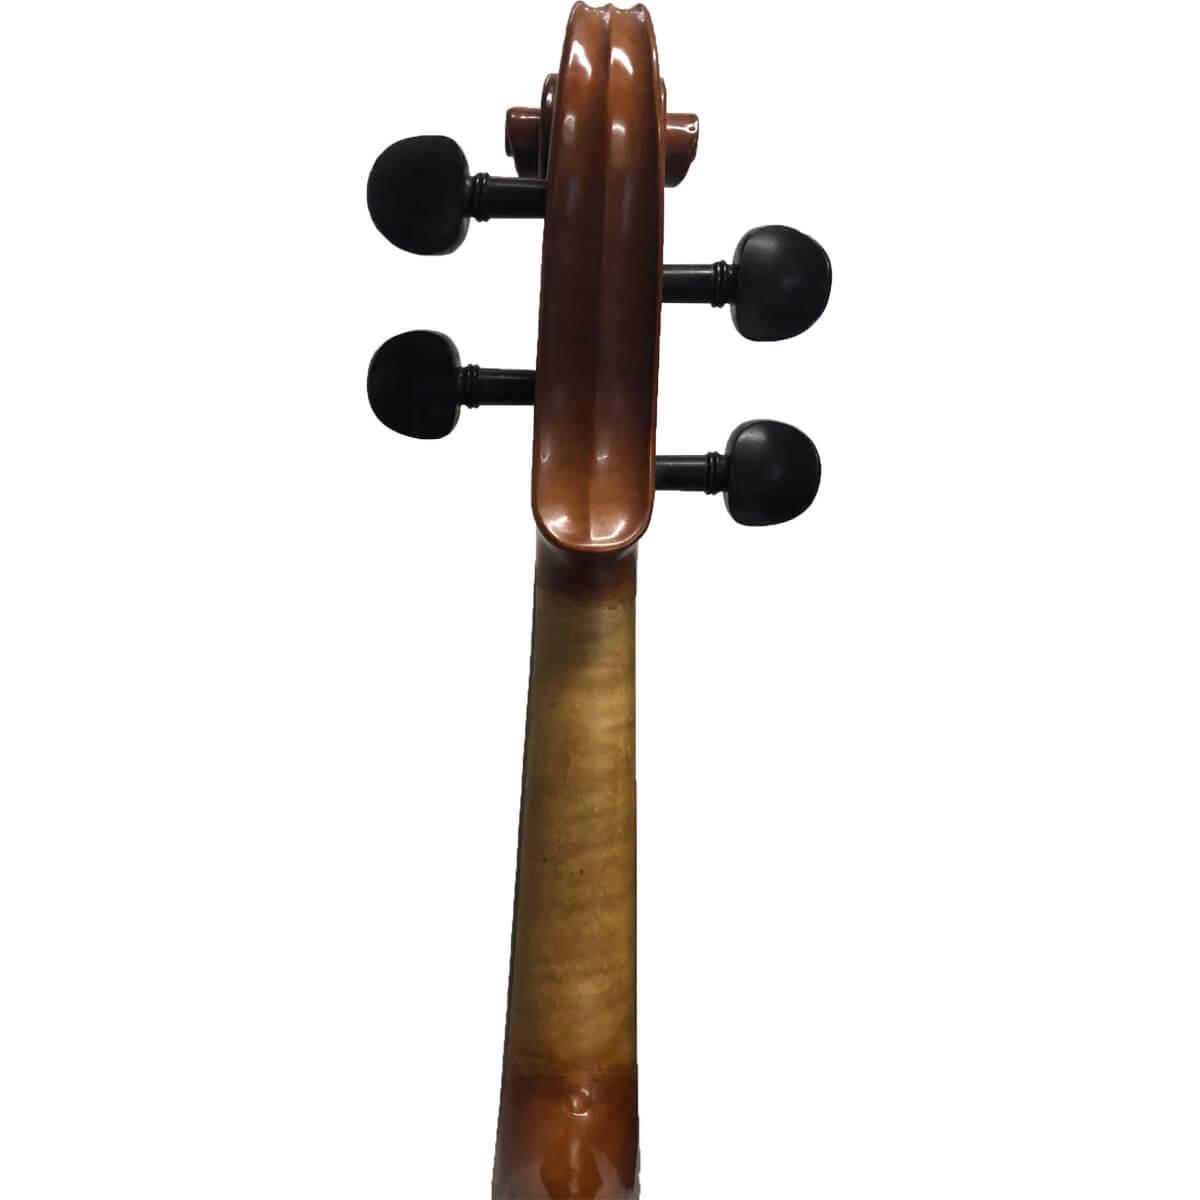 Viola De Arco - Va-180 - Eagle